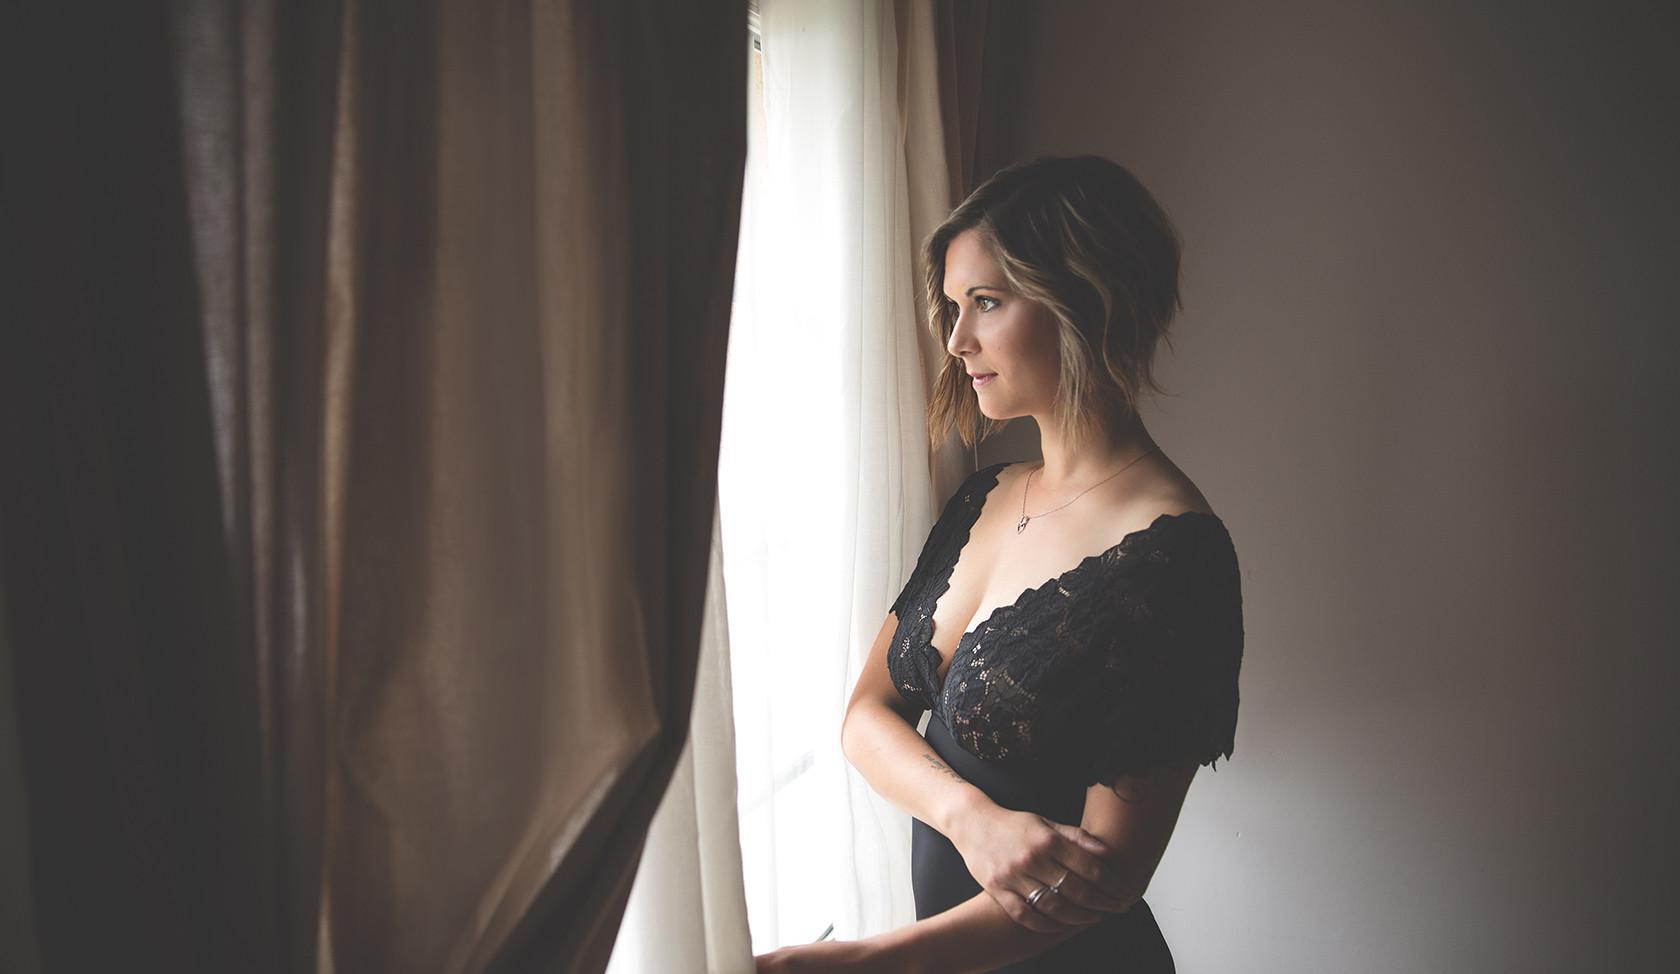 Séance Boudoir Femme La Ferté-Bernard Sarthe 72